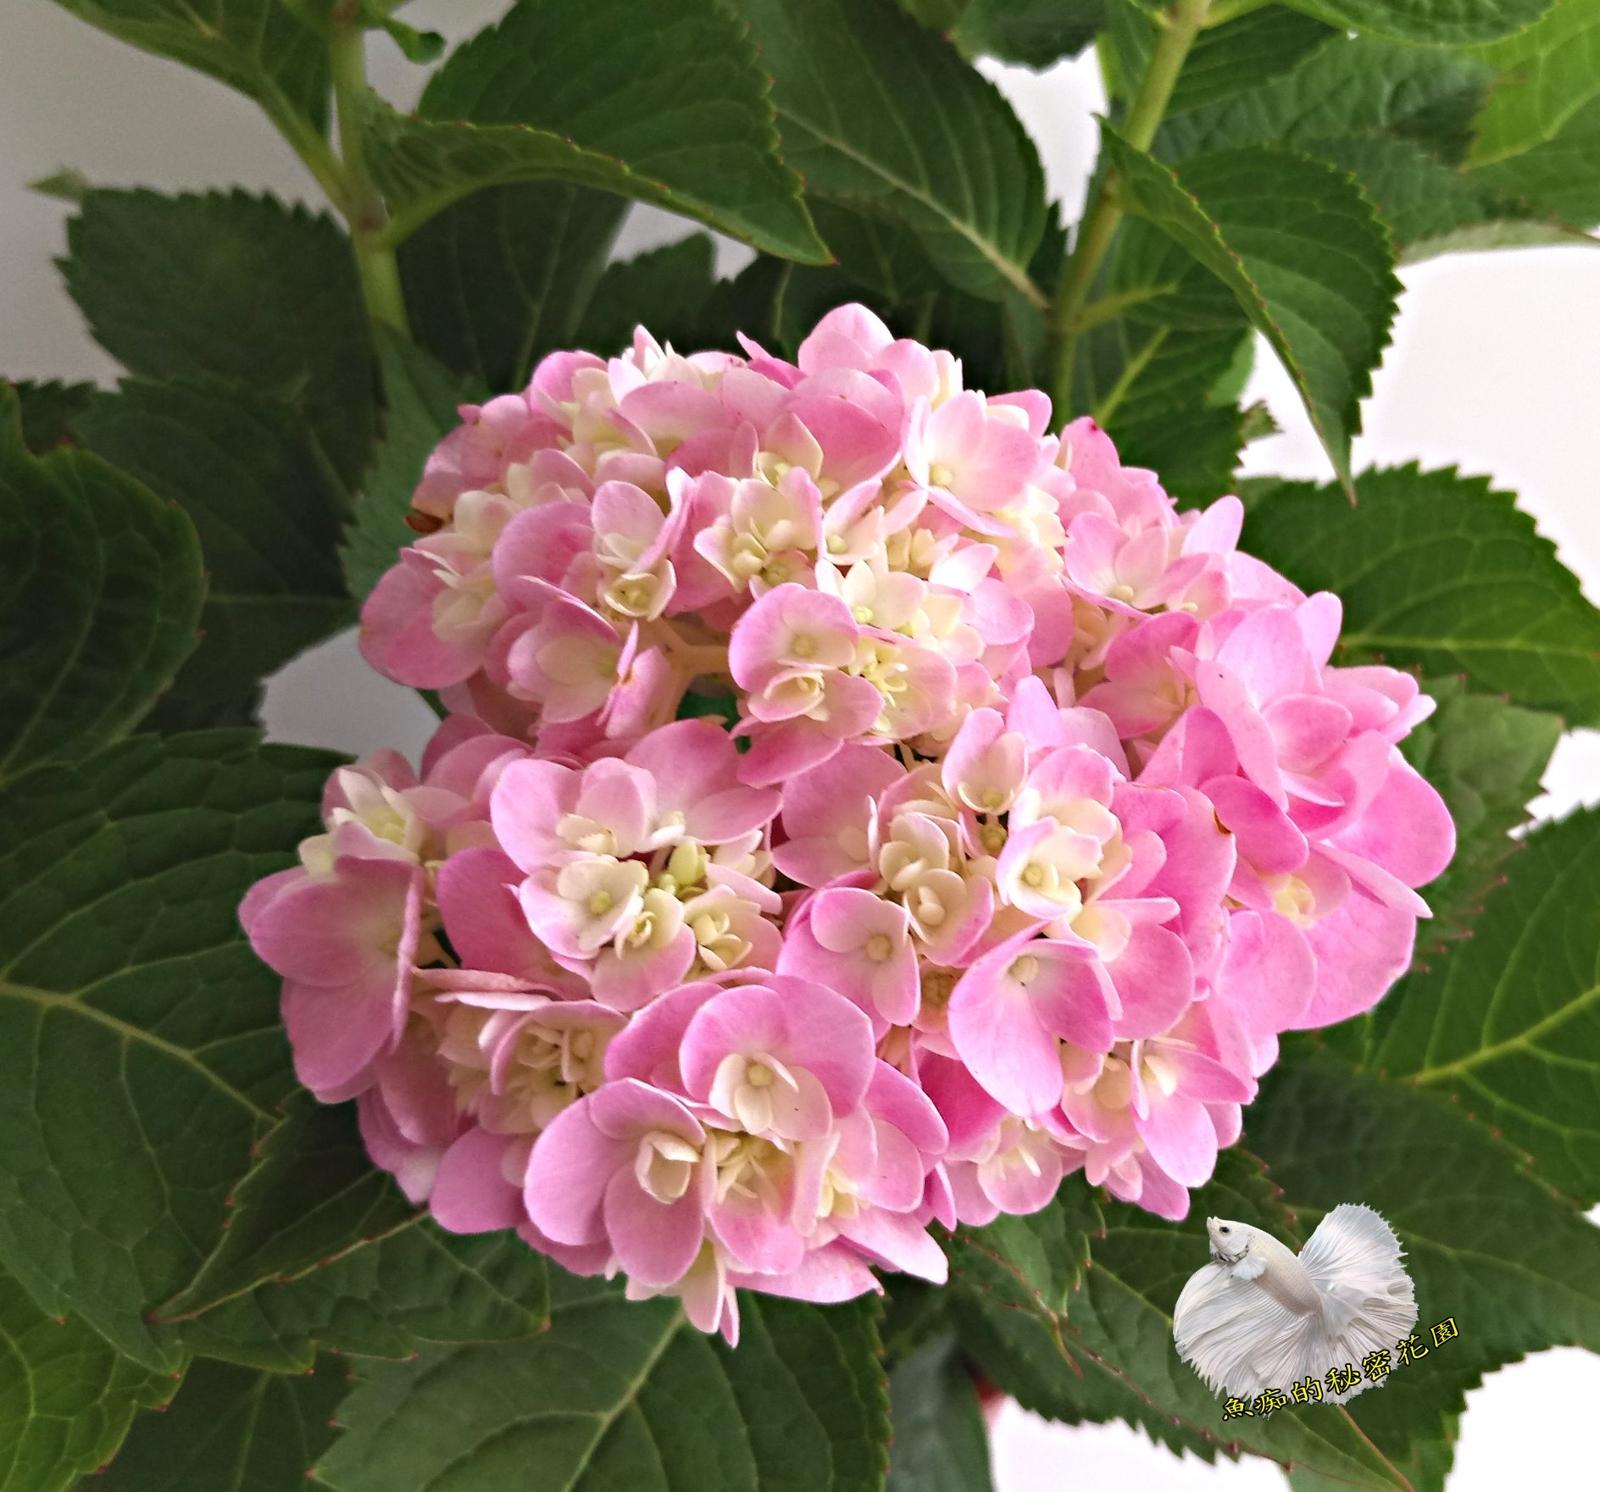 多年生 粉紅色繡球花紫陽花盆栽 5-6吋盆活體盆栽